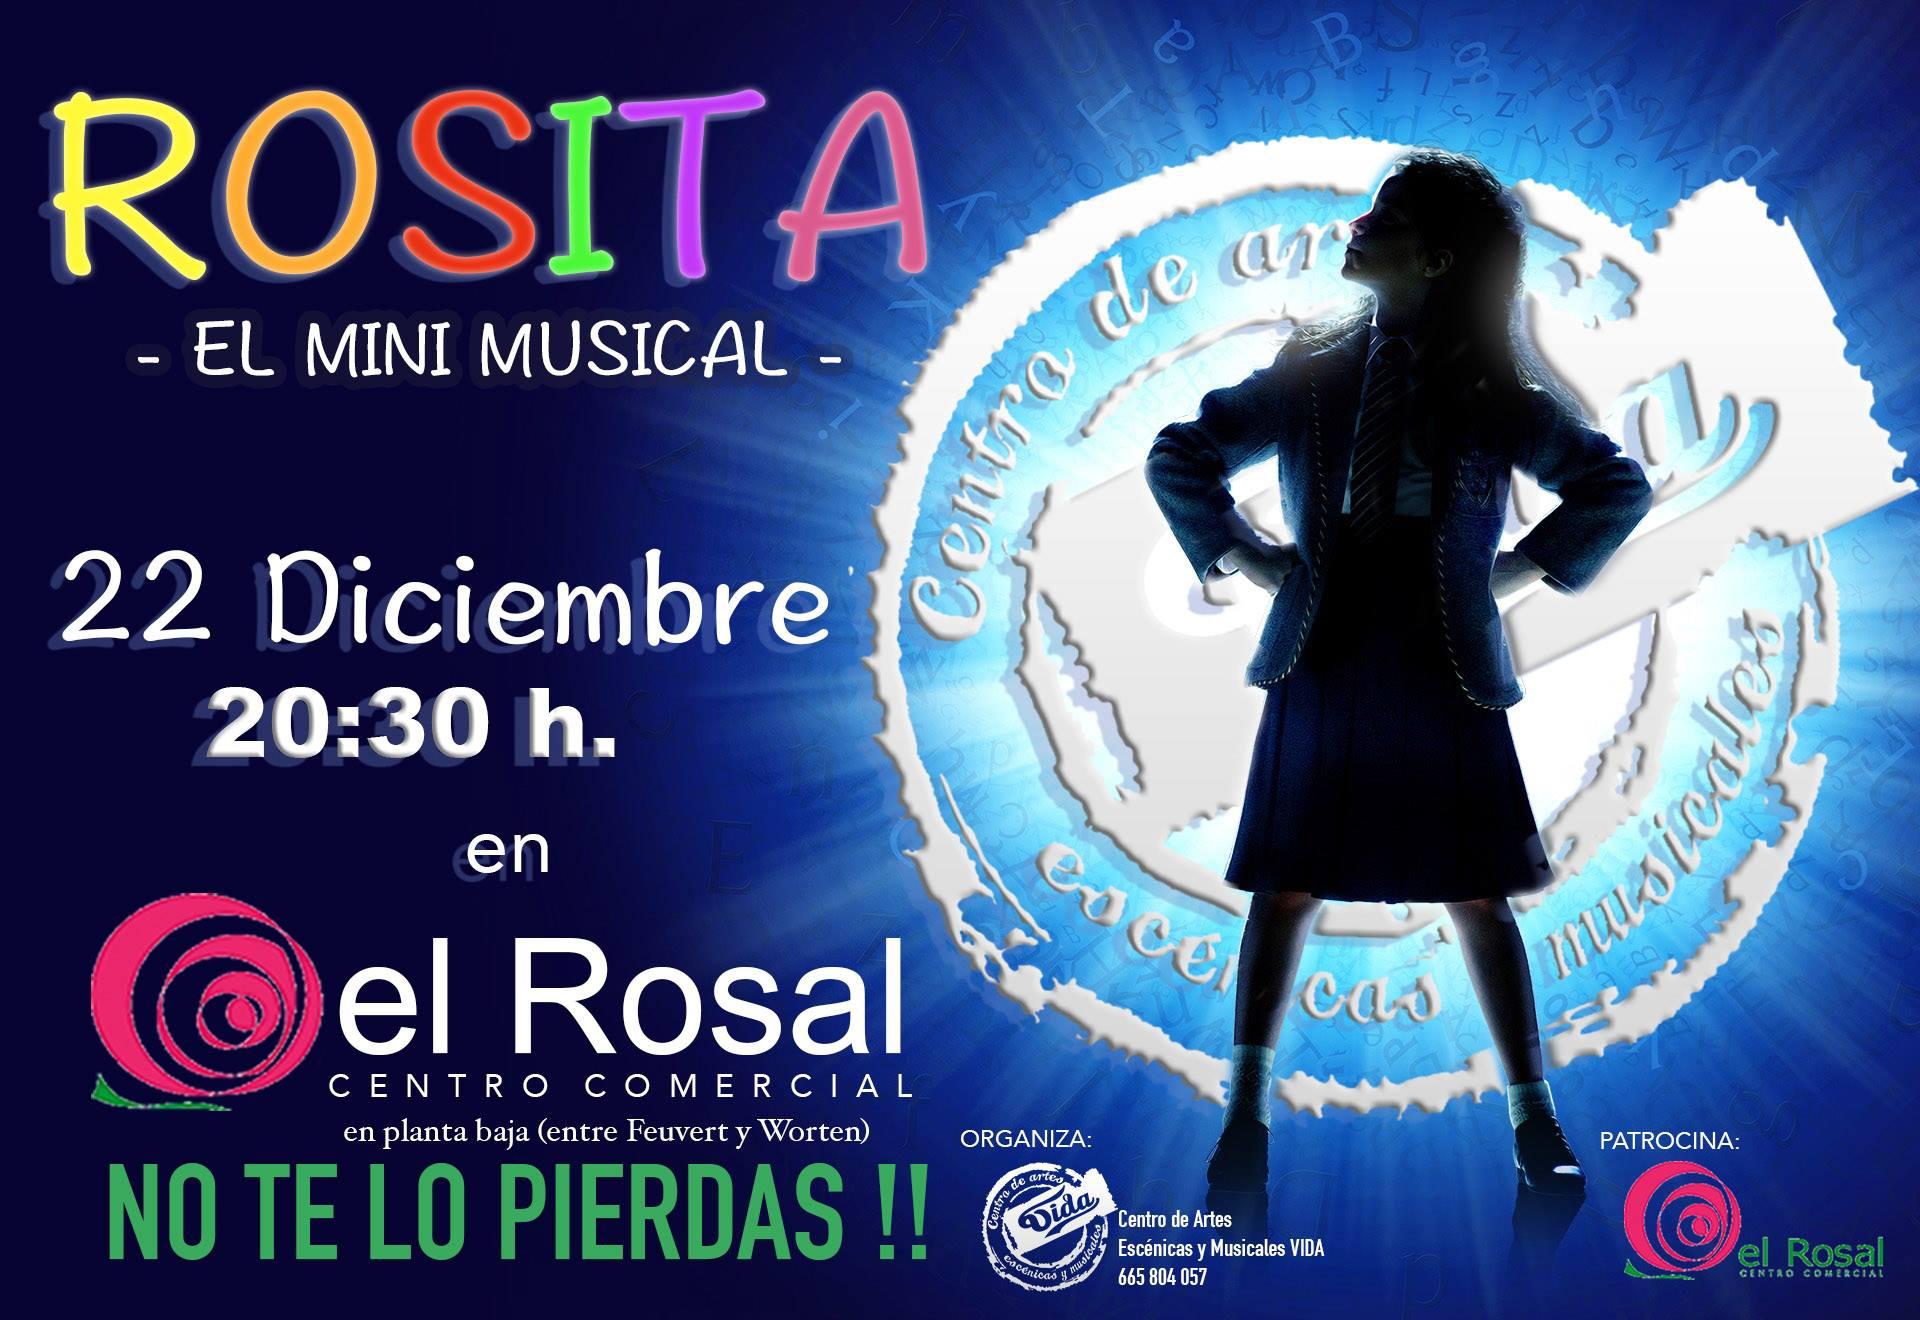 Rosita, el mini musical